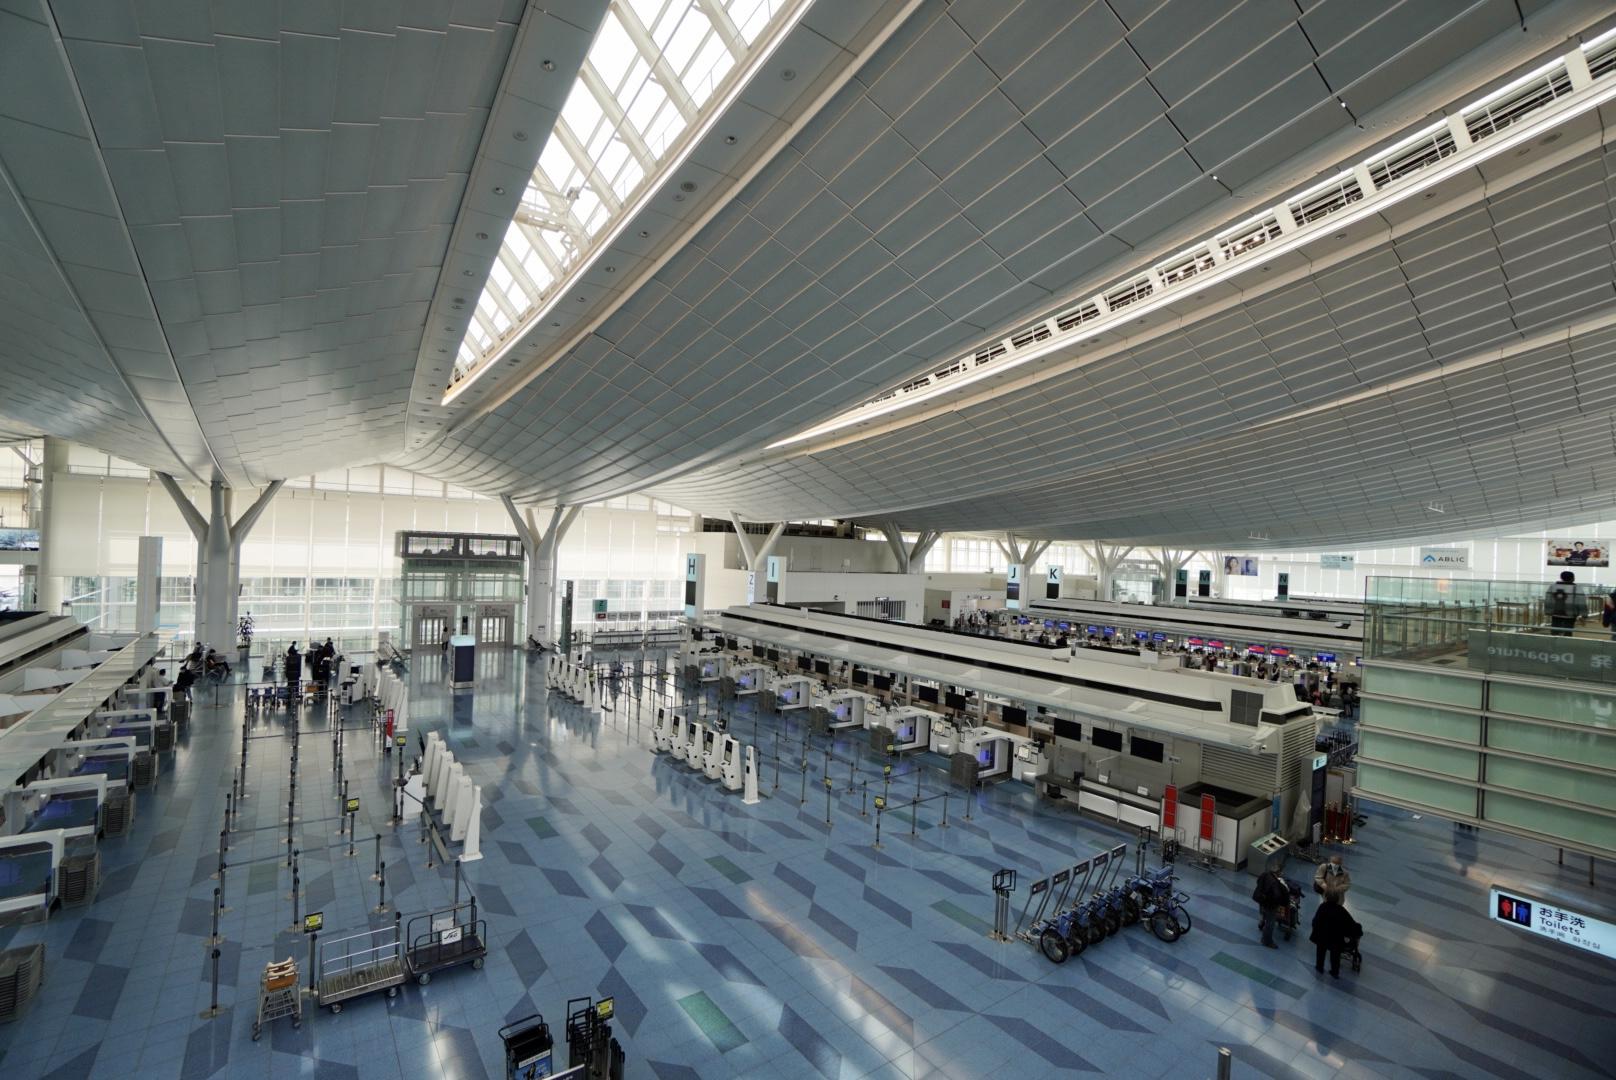 緊急事態宣言下の羽田空港第3ターミナル